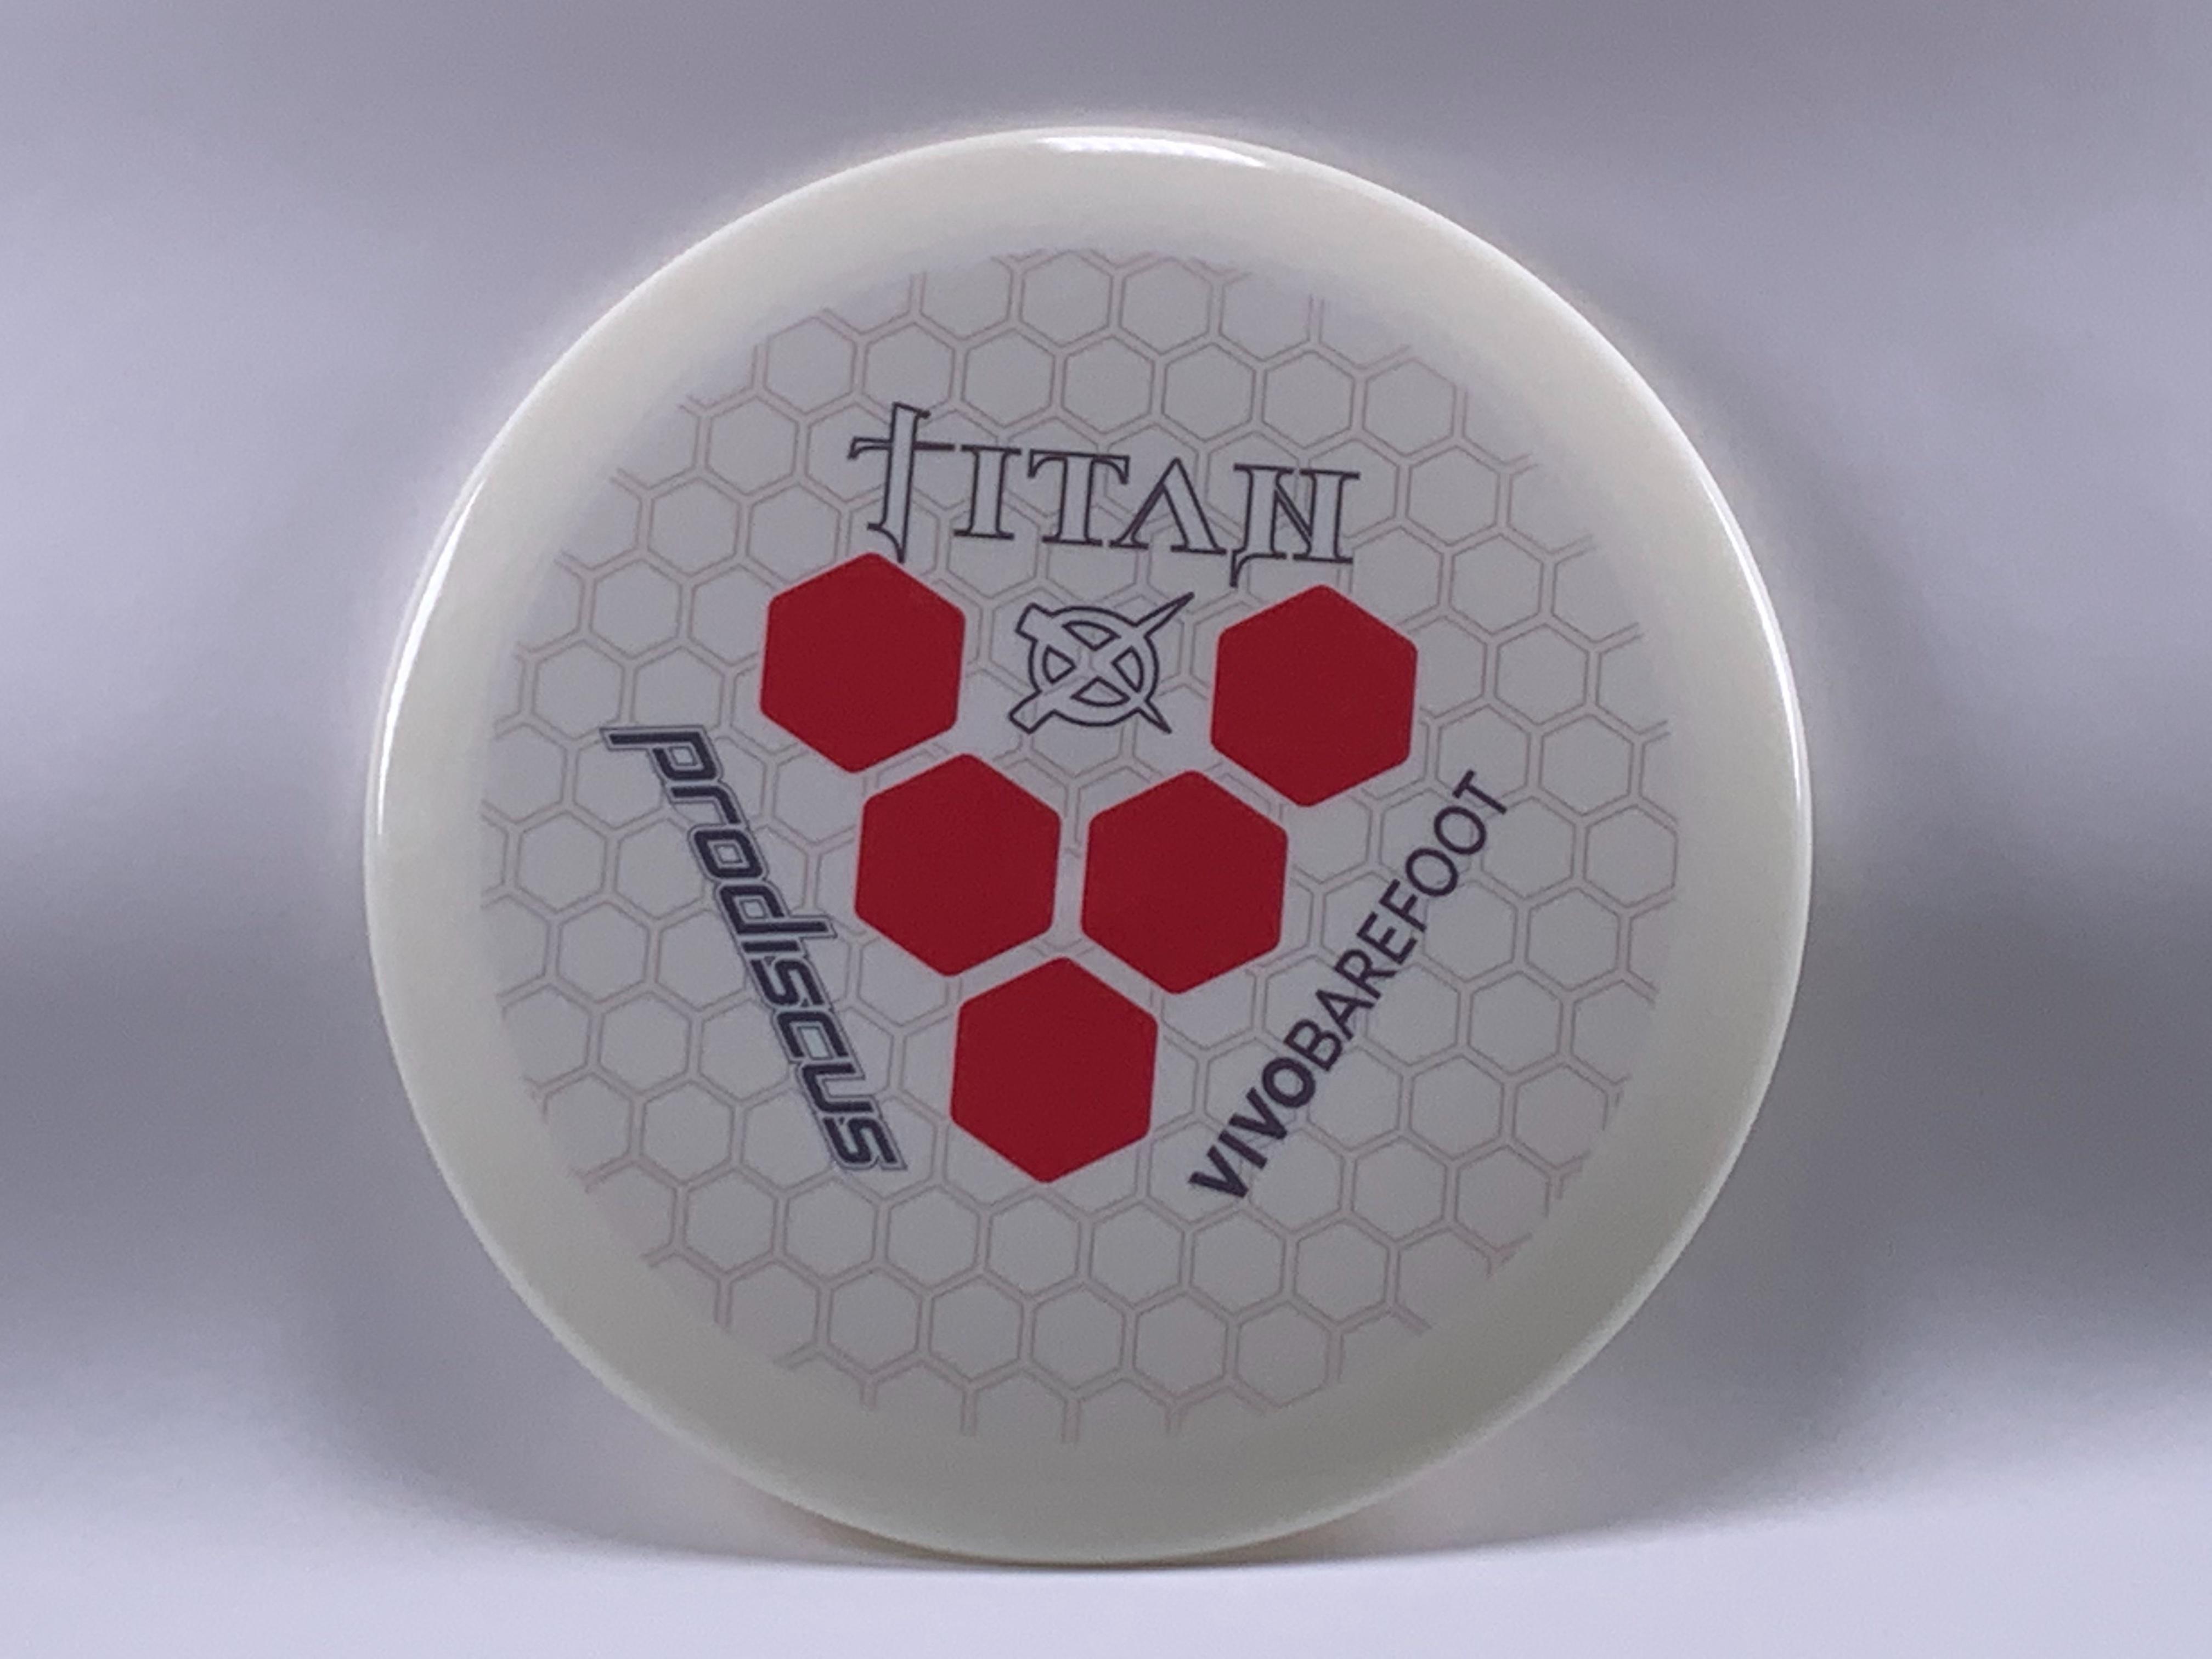 ProDiscus Ultrium Titan